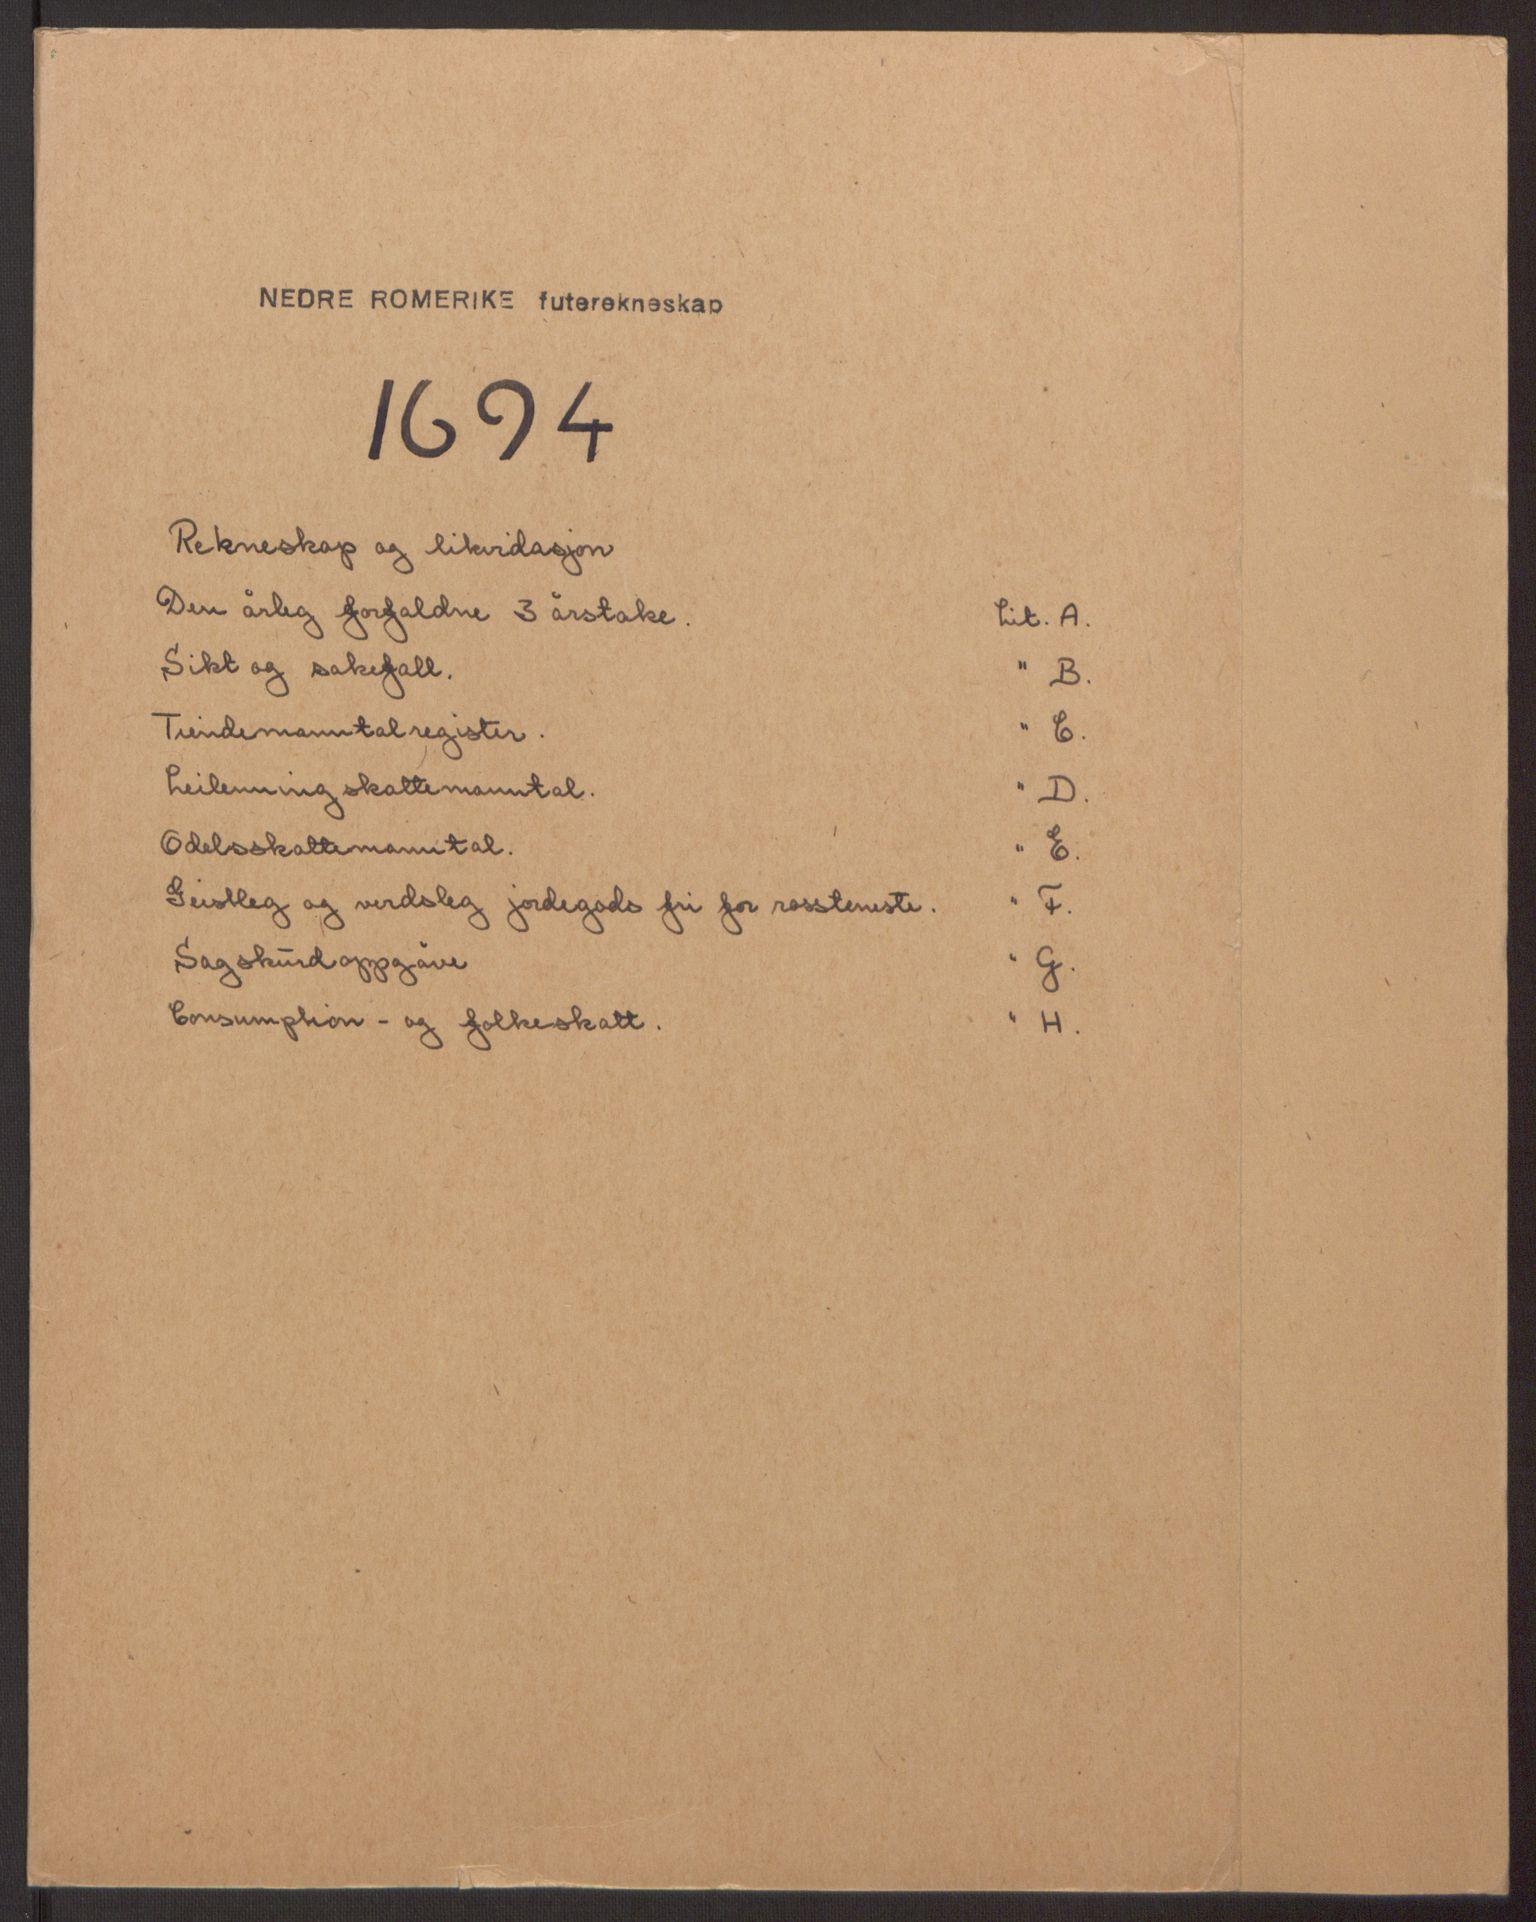 RA, Rentekammeret inntil 1814, Reviderte regnskaper, Fogderegnskap, R11/L0579: Fogderegnskap Nedre Romerike, 1694-1695, s. 2